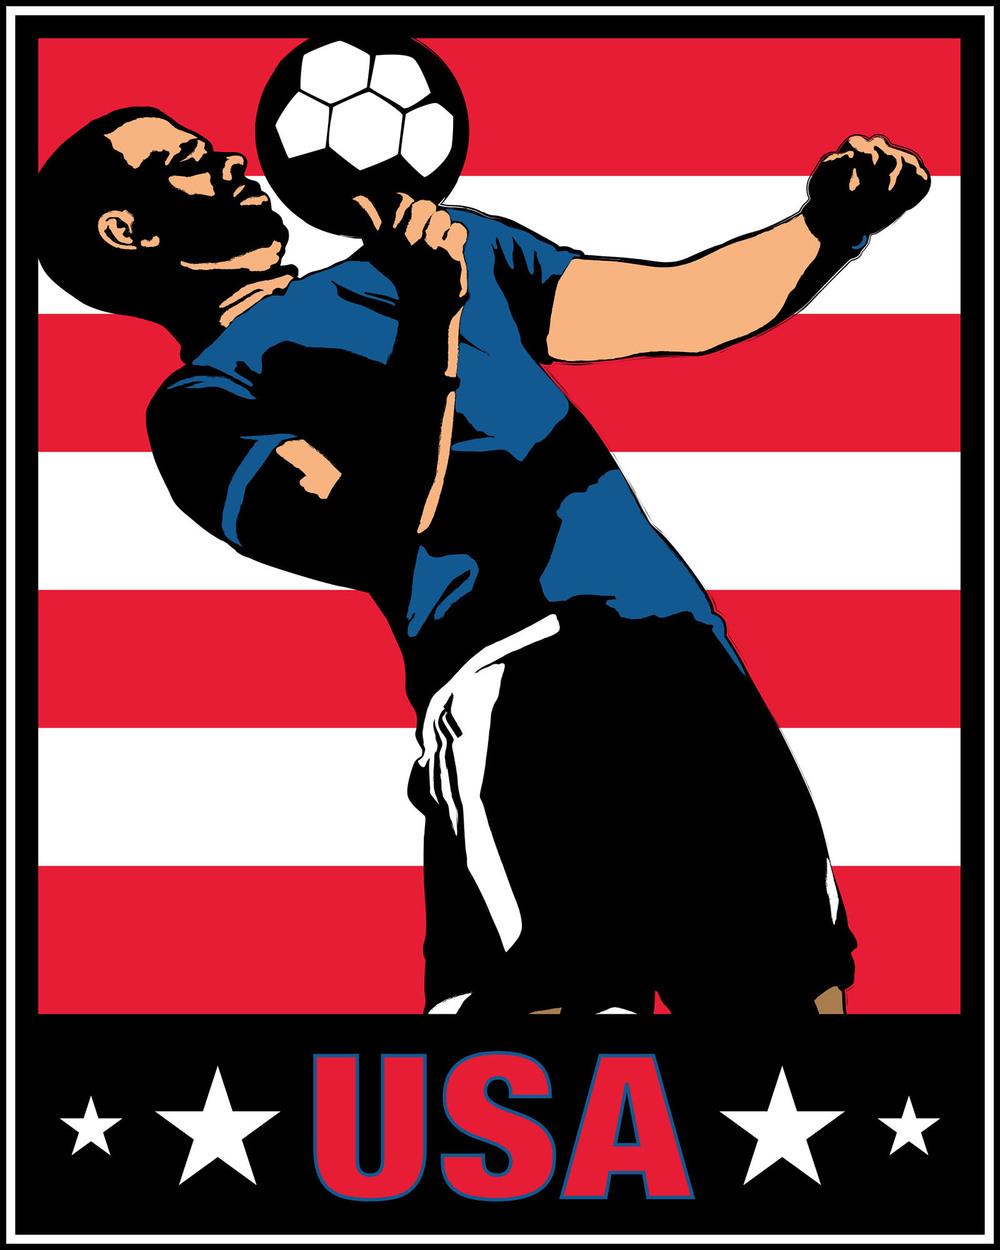 USA Soccer_16 x 20.jpg